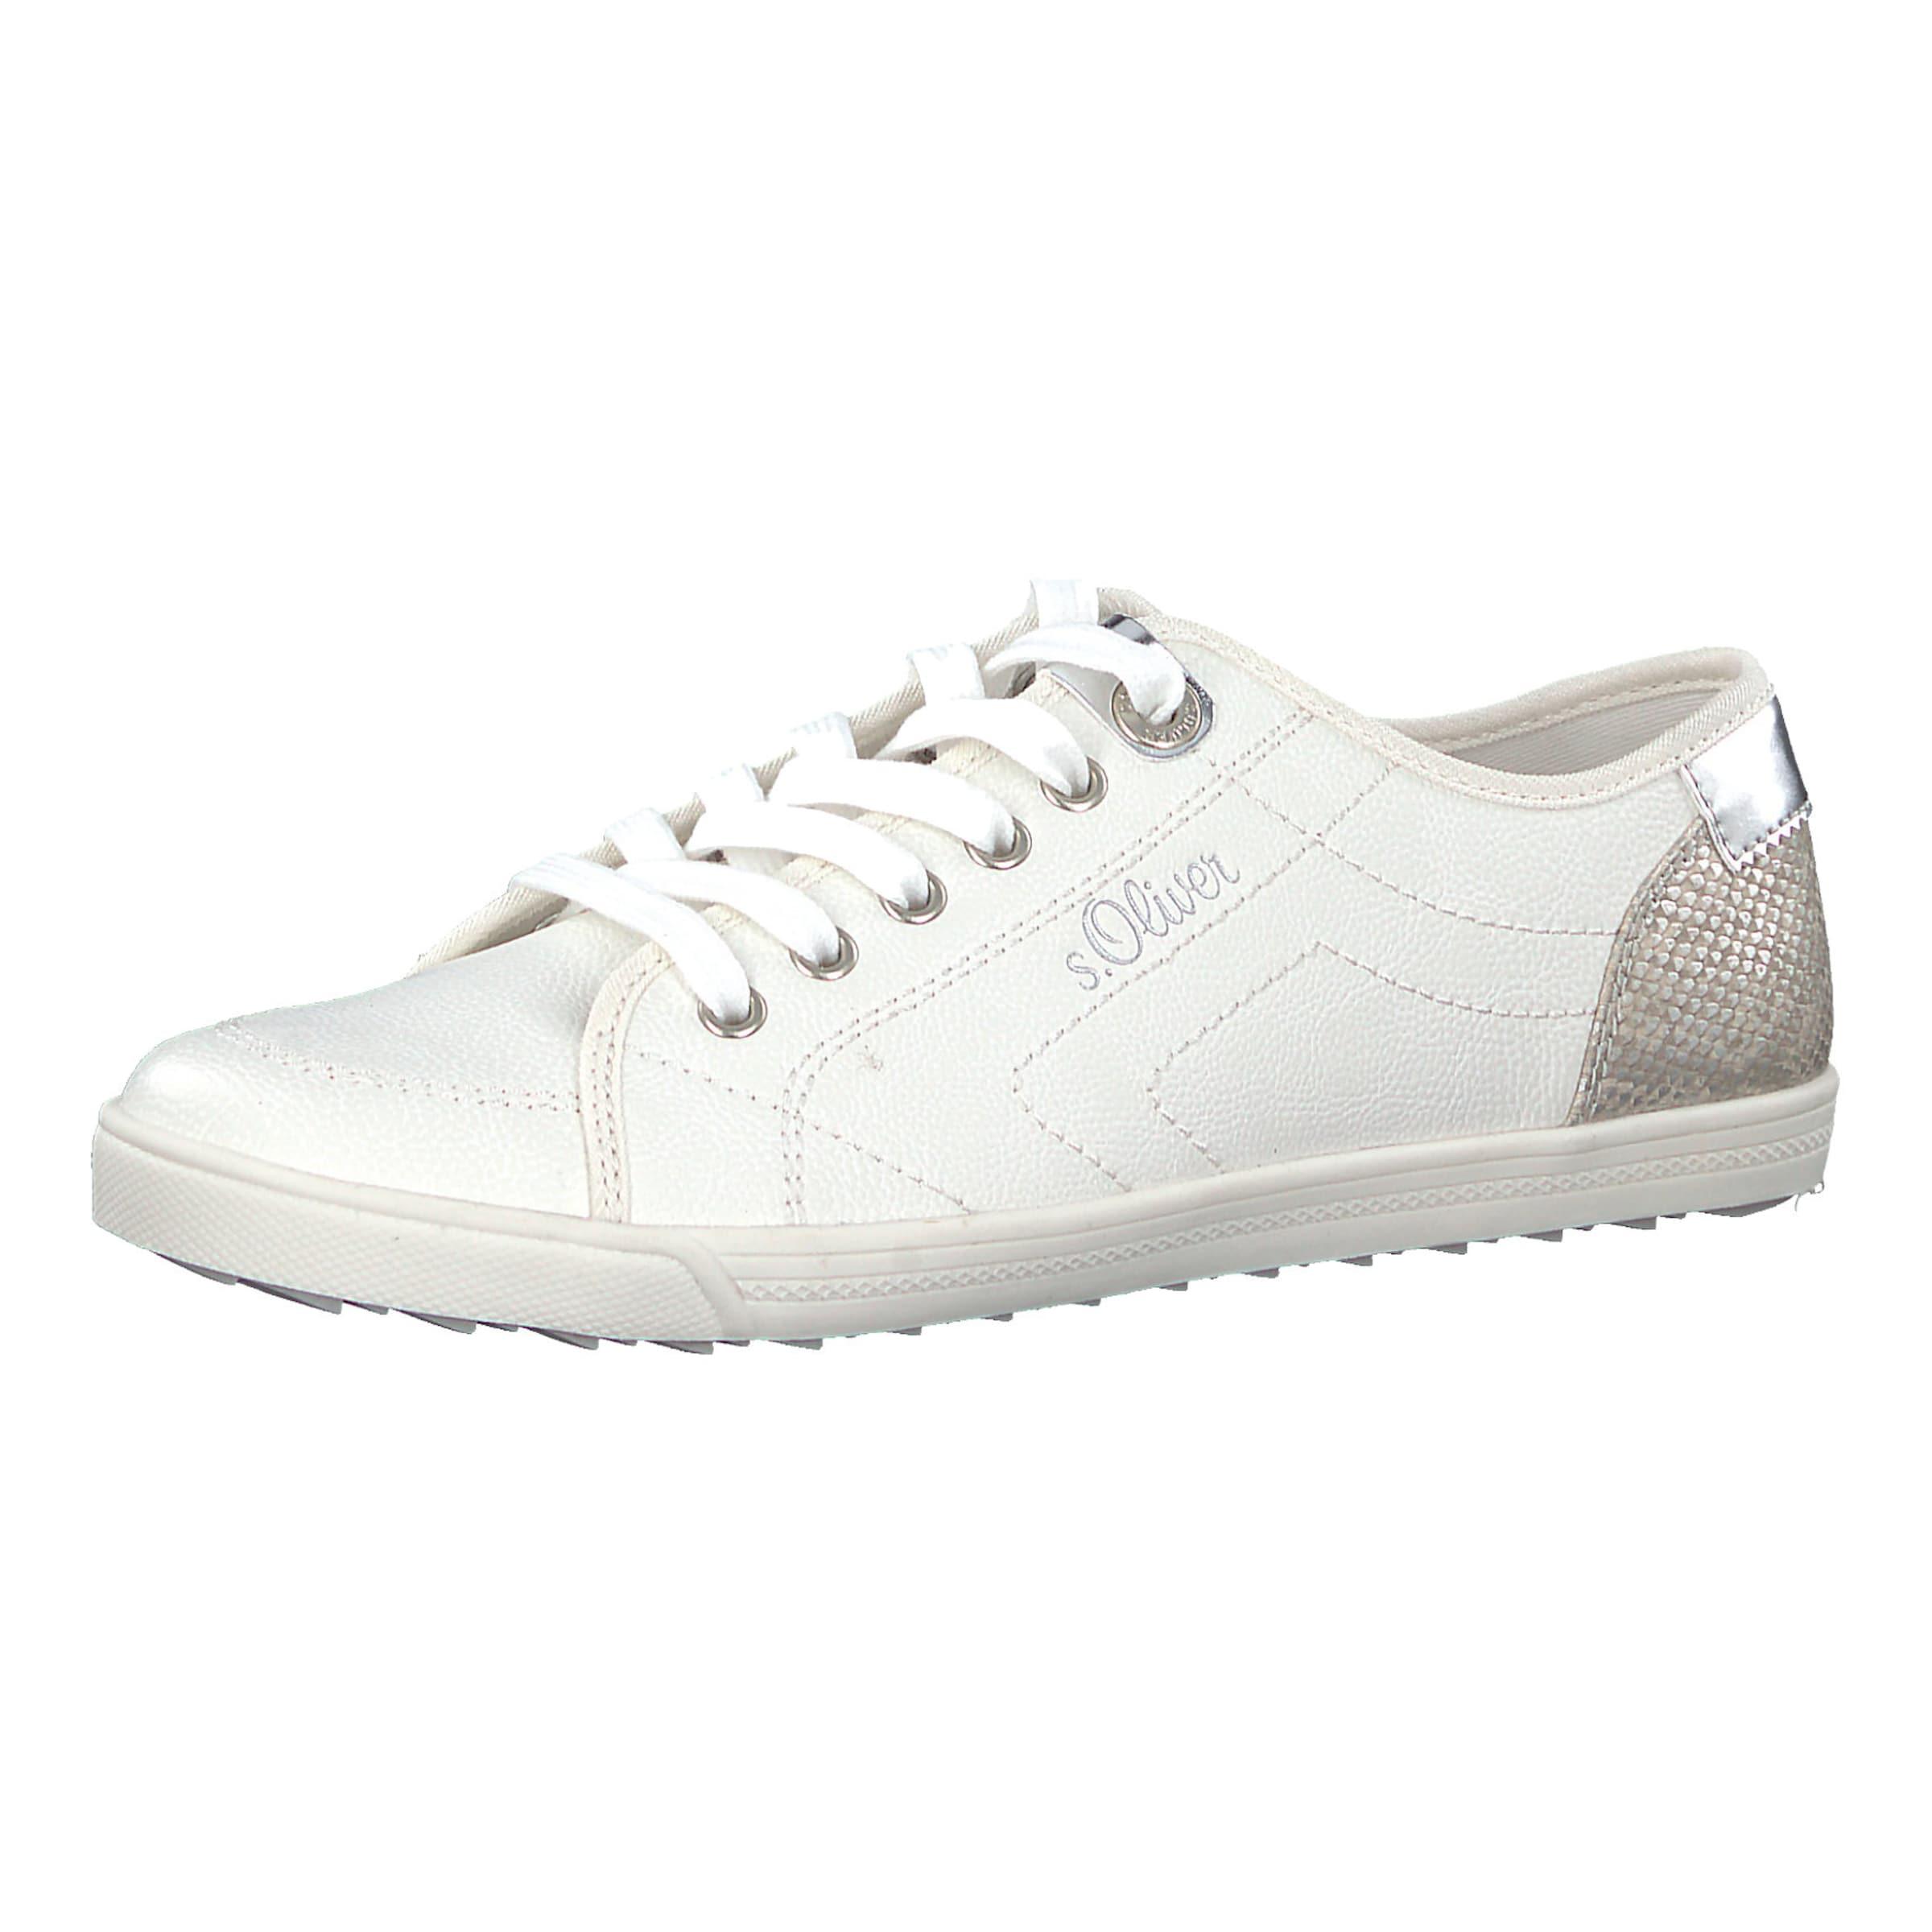 s.Oliver RED LABEL Sneakers Low Billig Verkauf Beste Preise Billig Verkauf Gut Verkaufen BfRD4MnA